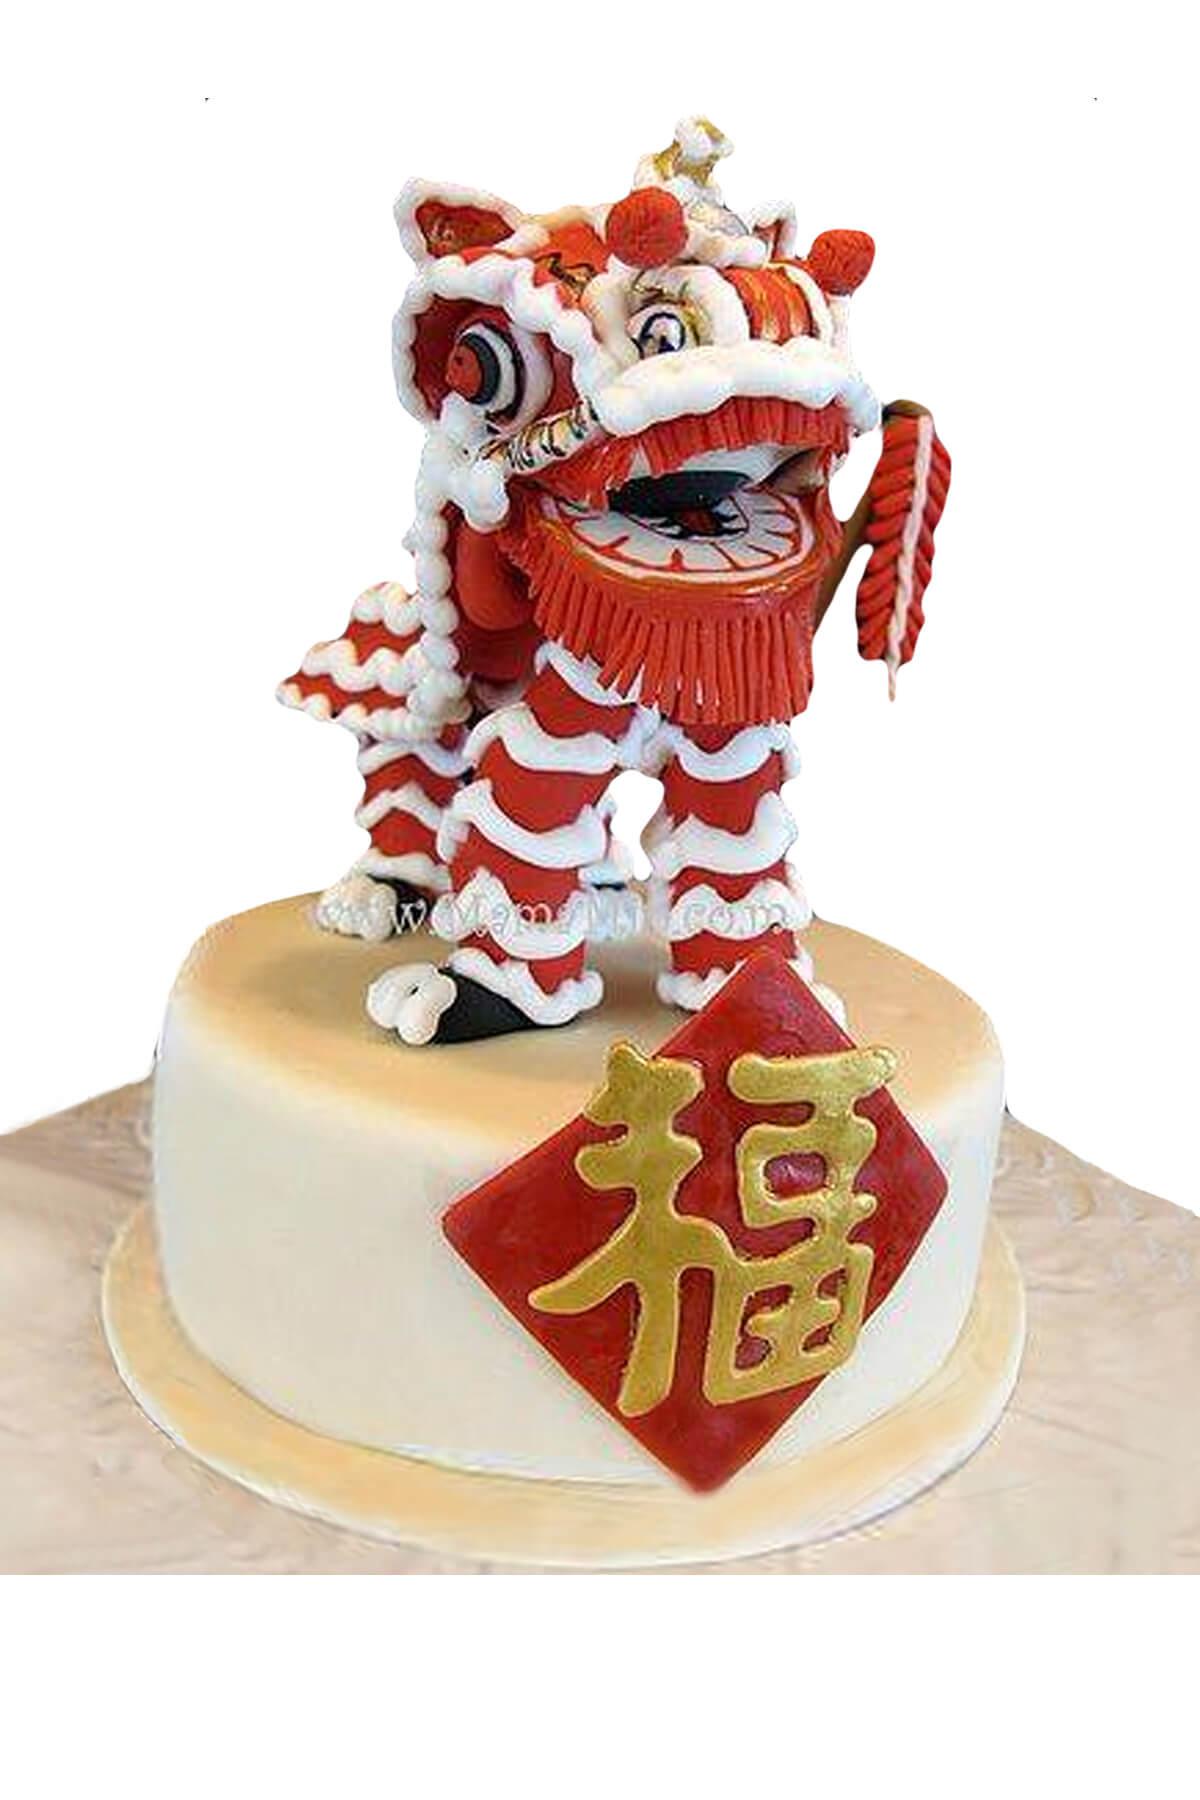 Bánh gato lân sư rồng đỏ ý nghĩa, mừng công ty khai trương đại phát